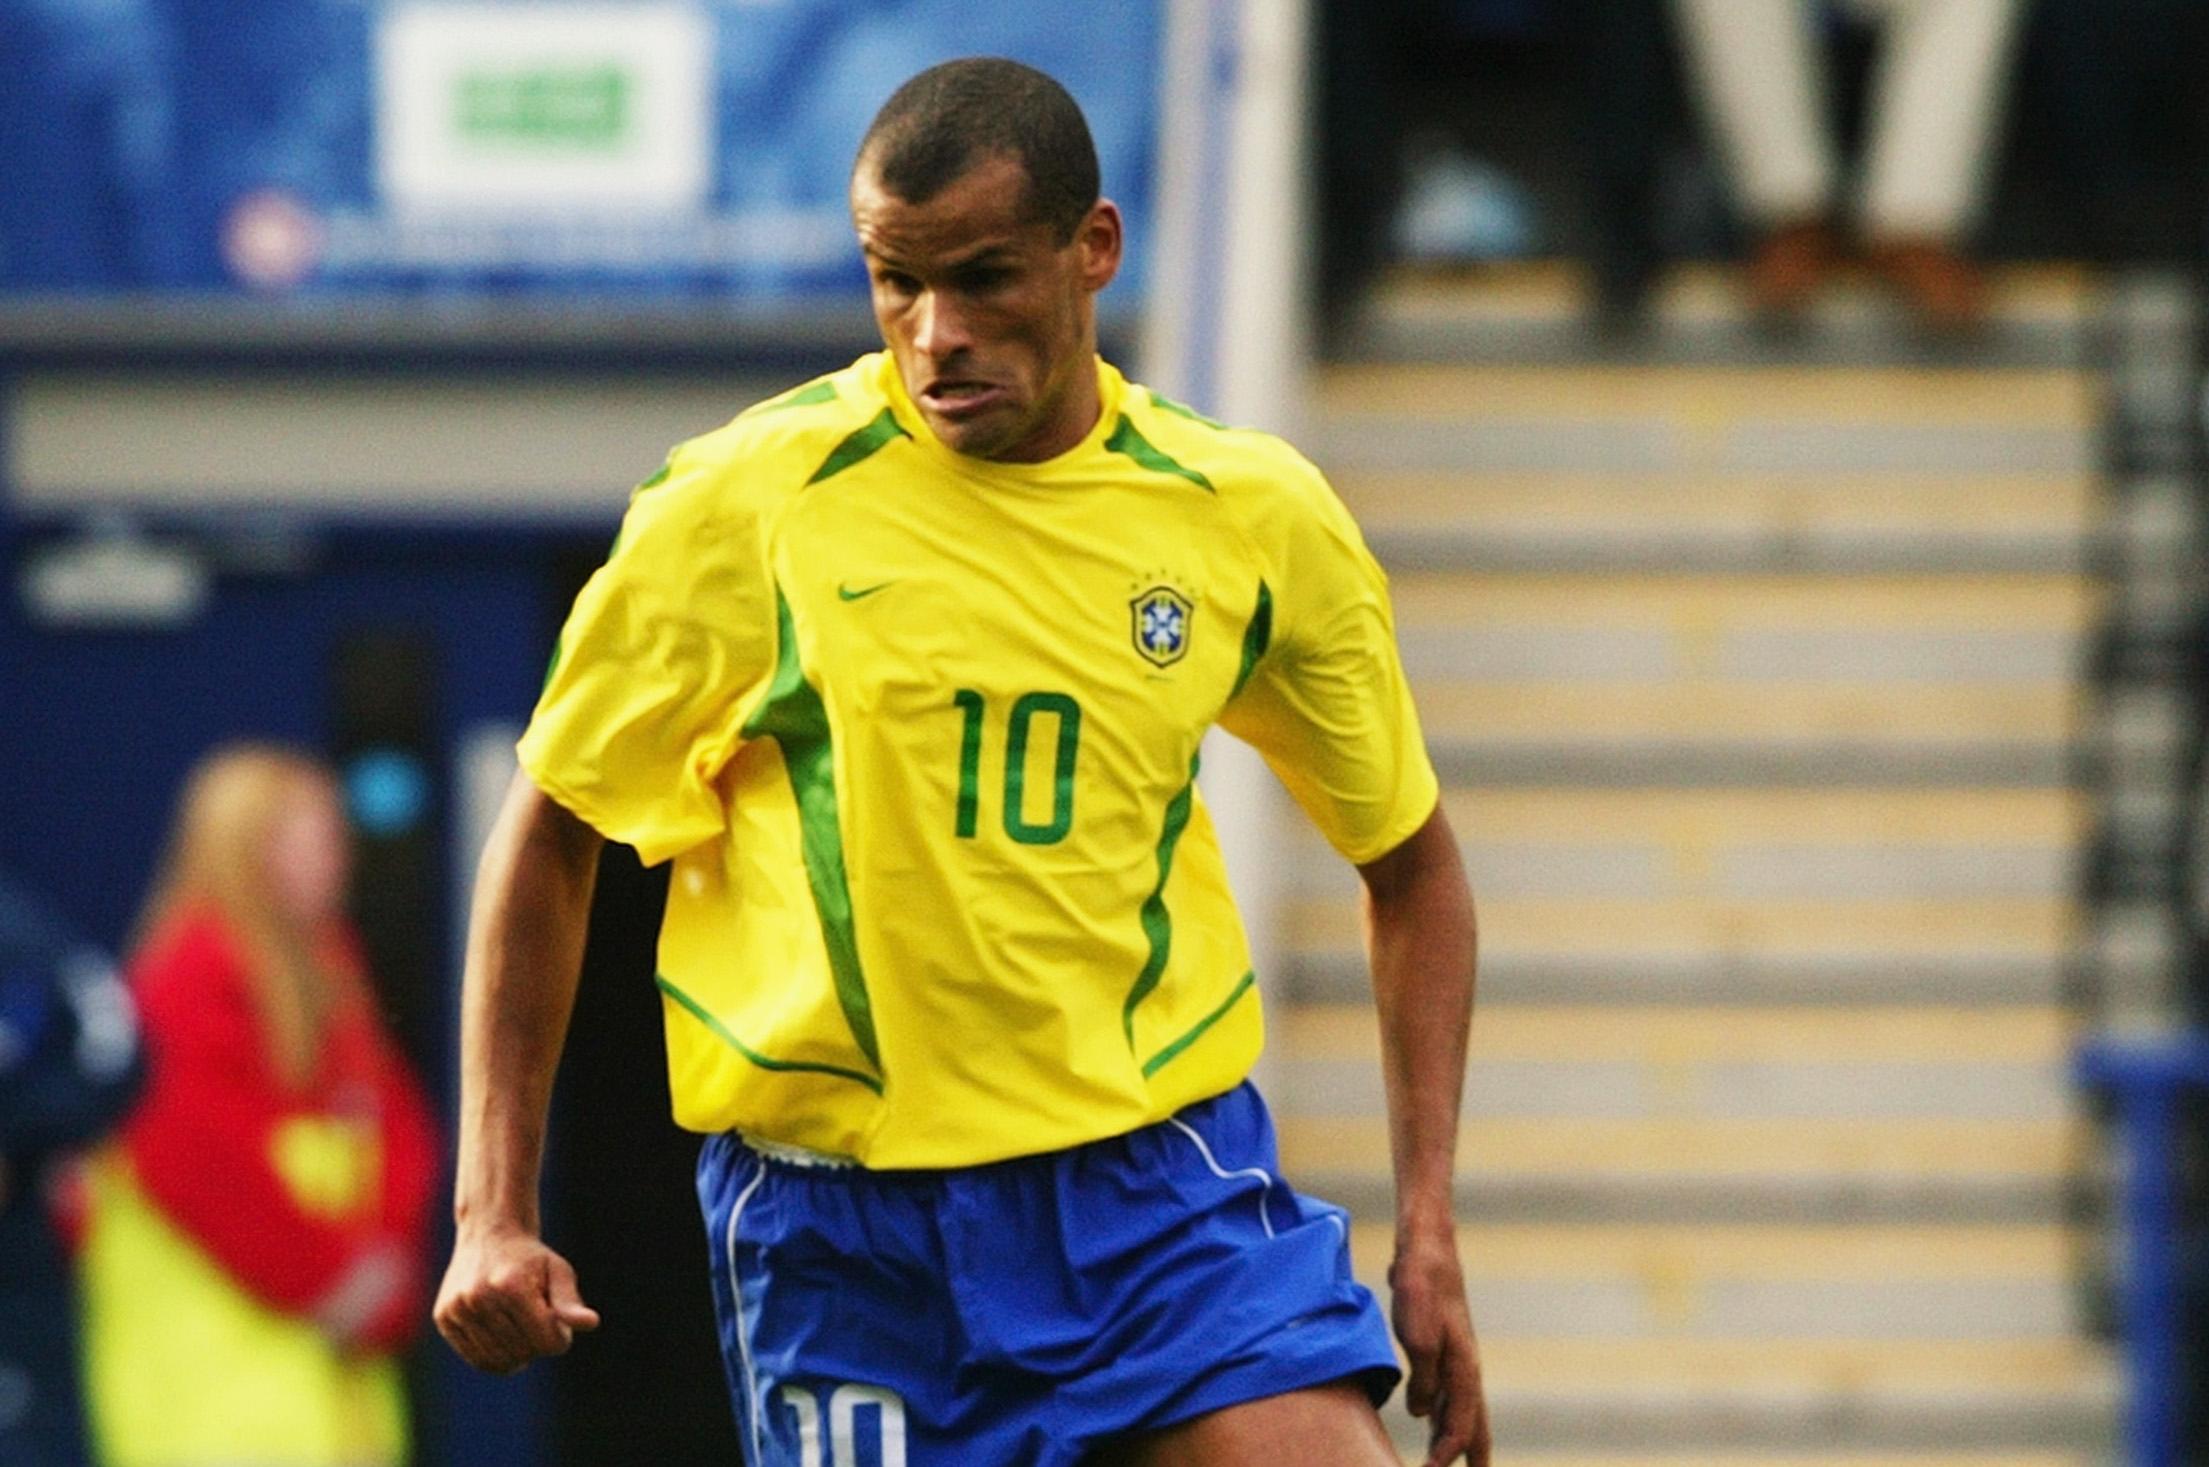 Бившият бразилски национал Ривалдо ще започне работа като консултант на